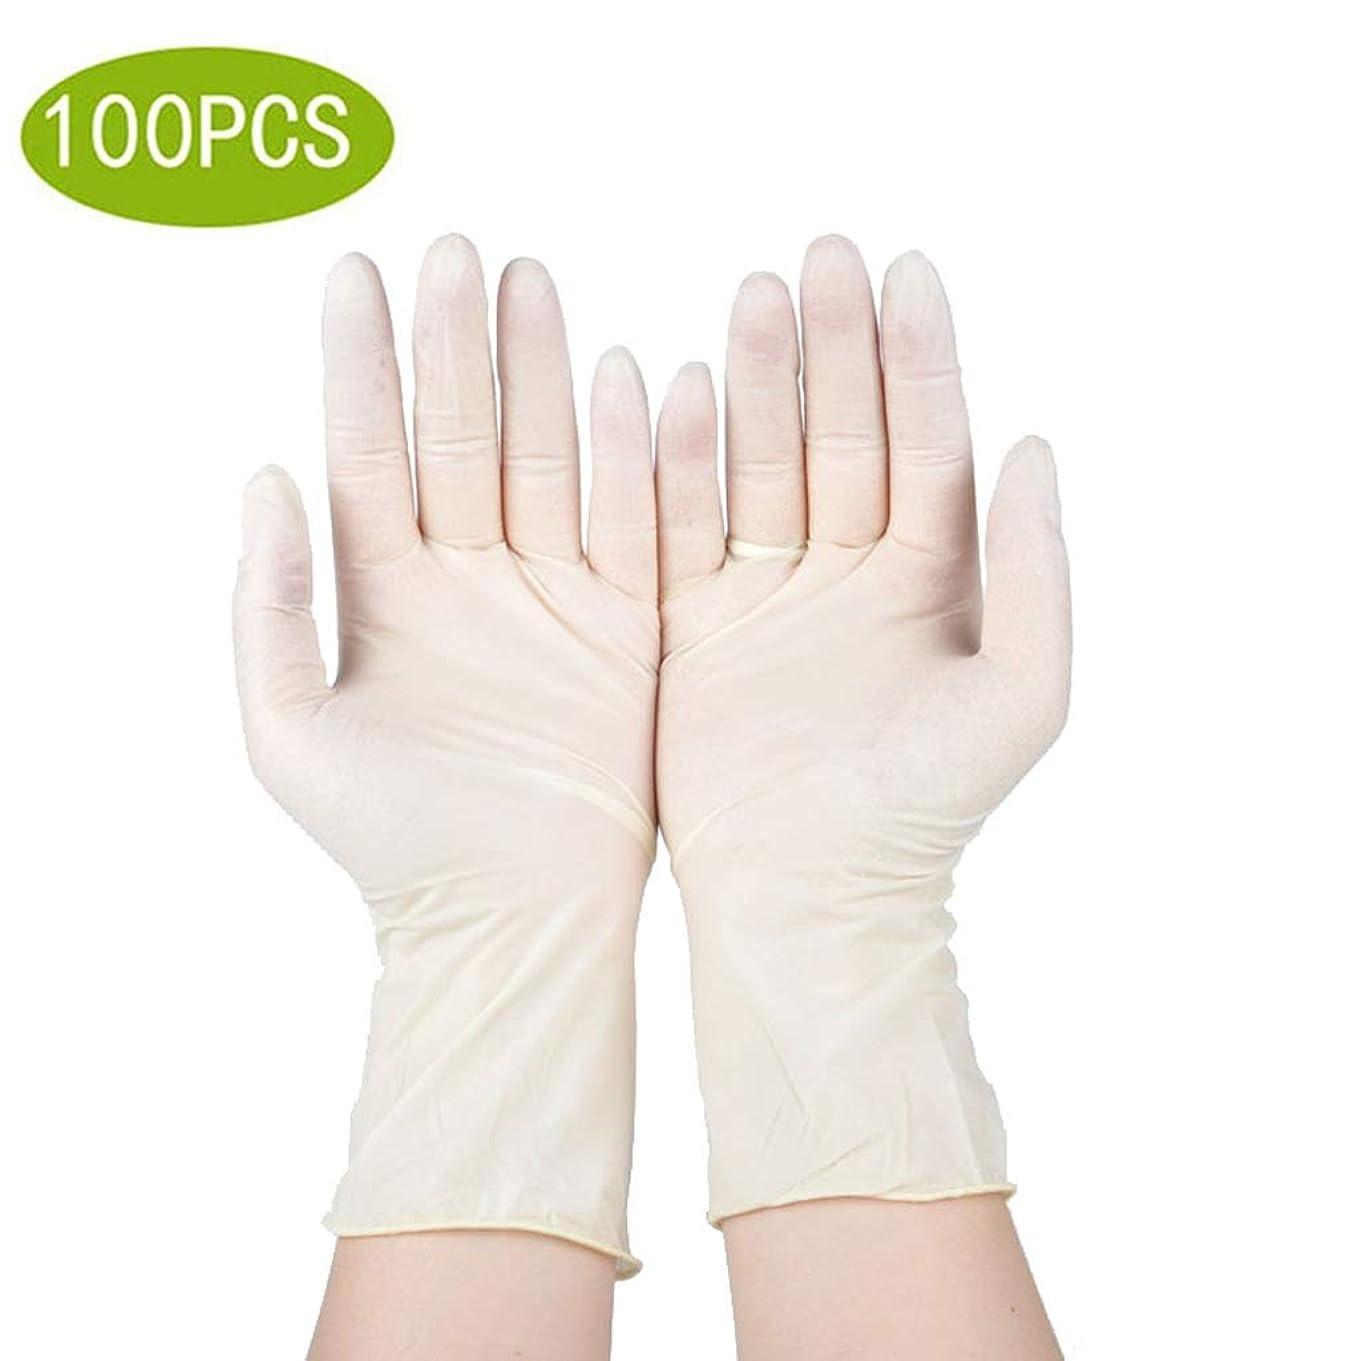 音節韓国同一性ニトリル試験用手袋 - 医療用グレード、パウダーフリー、ラテックスラバーフリー、使い捨て、ラテックスグローブ食品安全ラテックスグローブ (Color : Latex Gloves, Size : L)